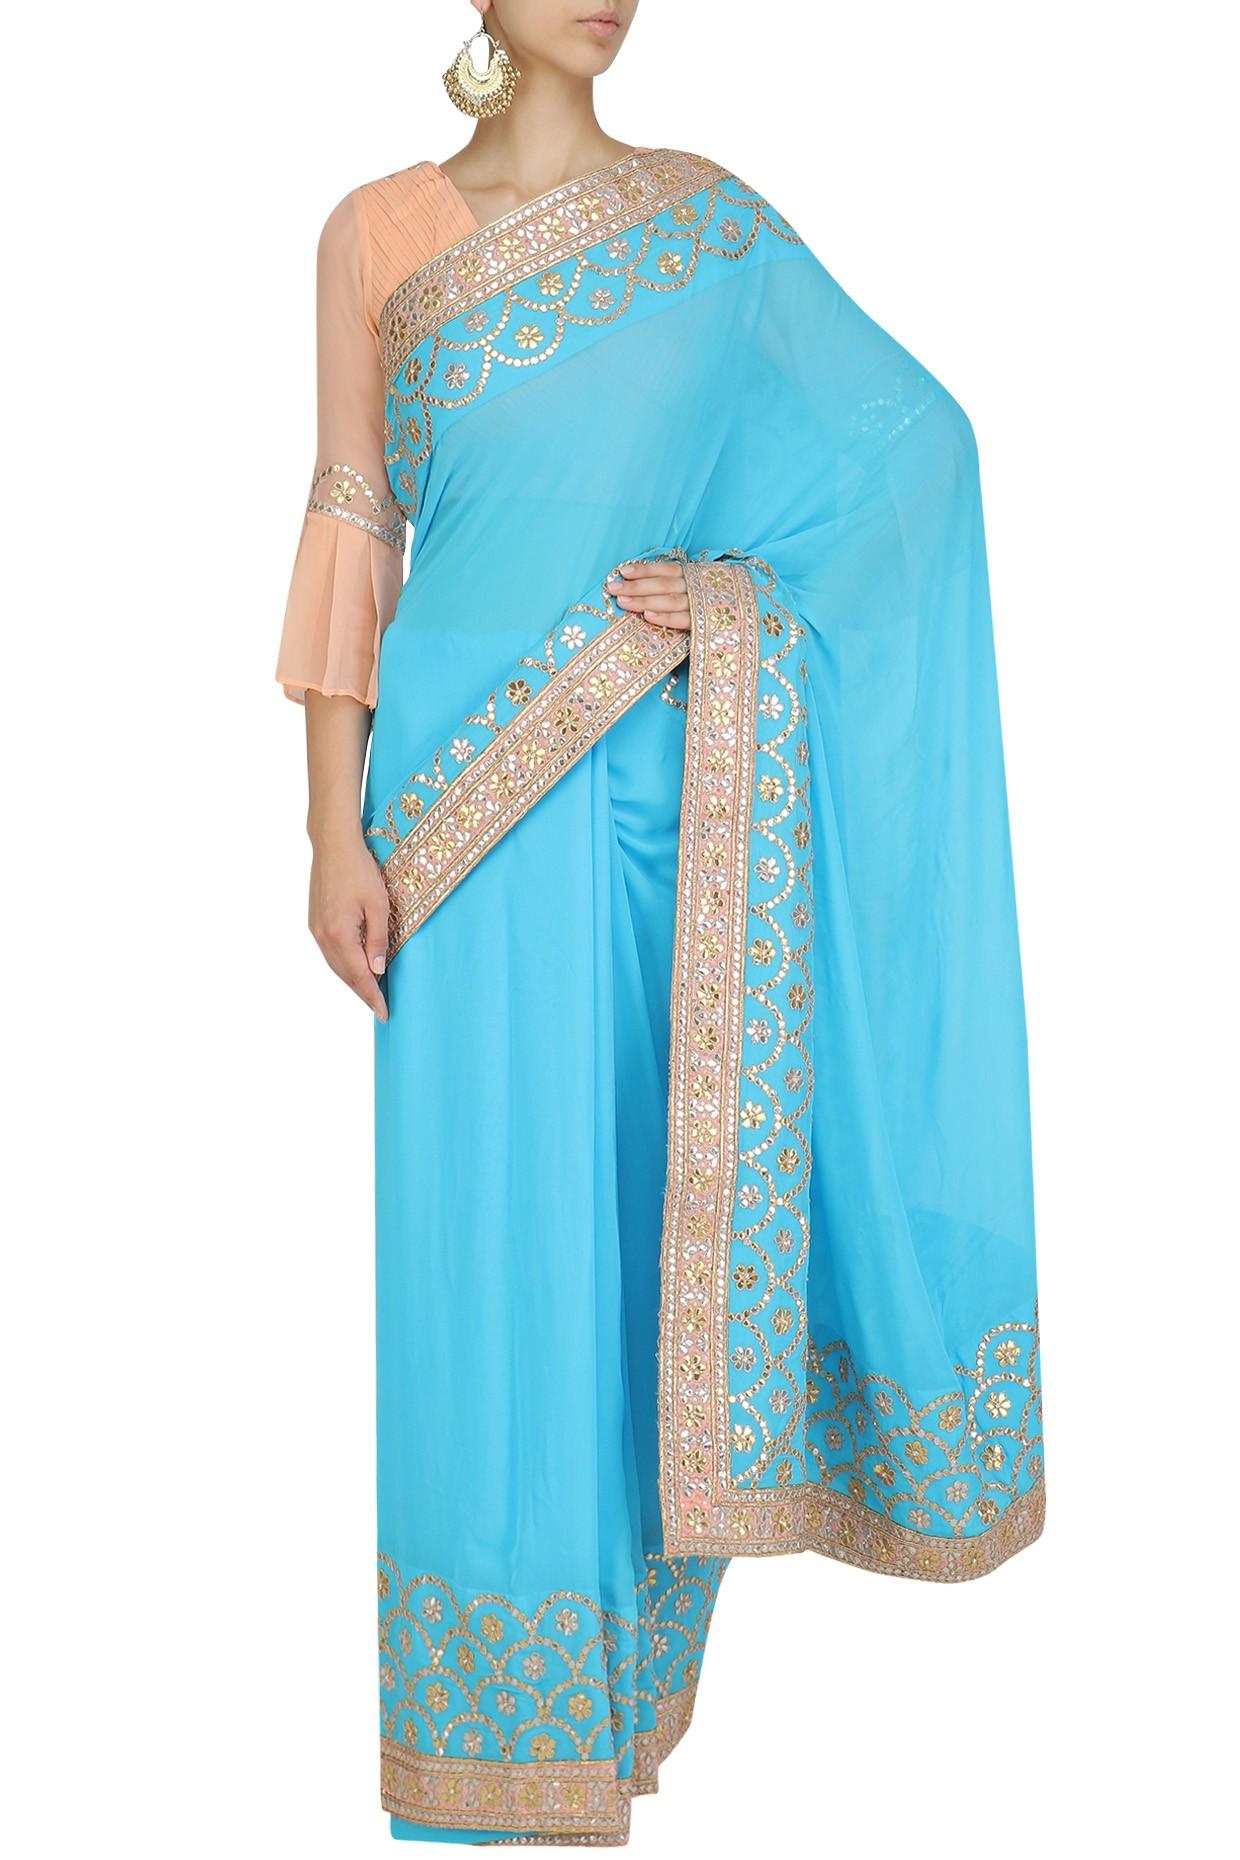 Designer Sarees, Bridal Sarees